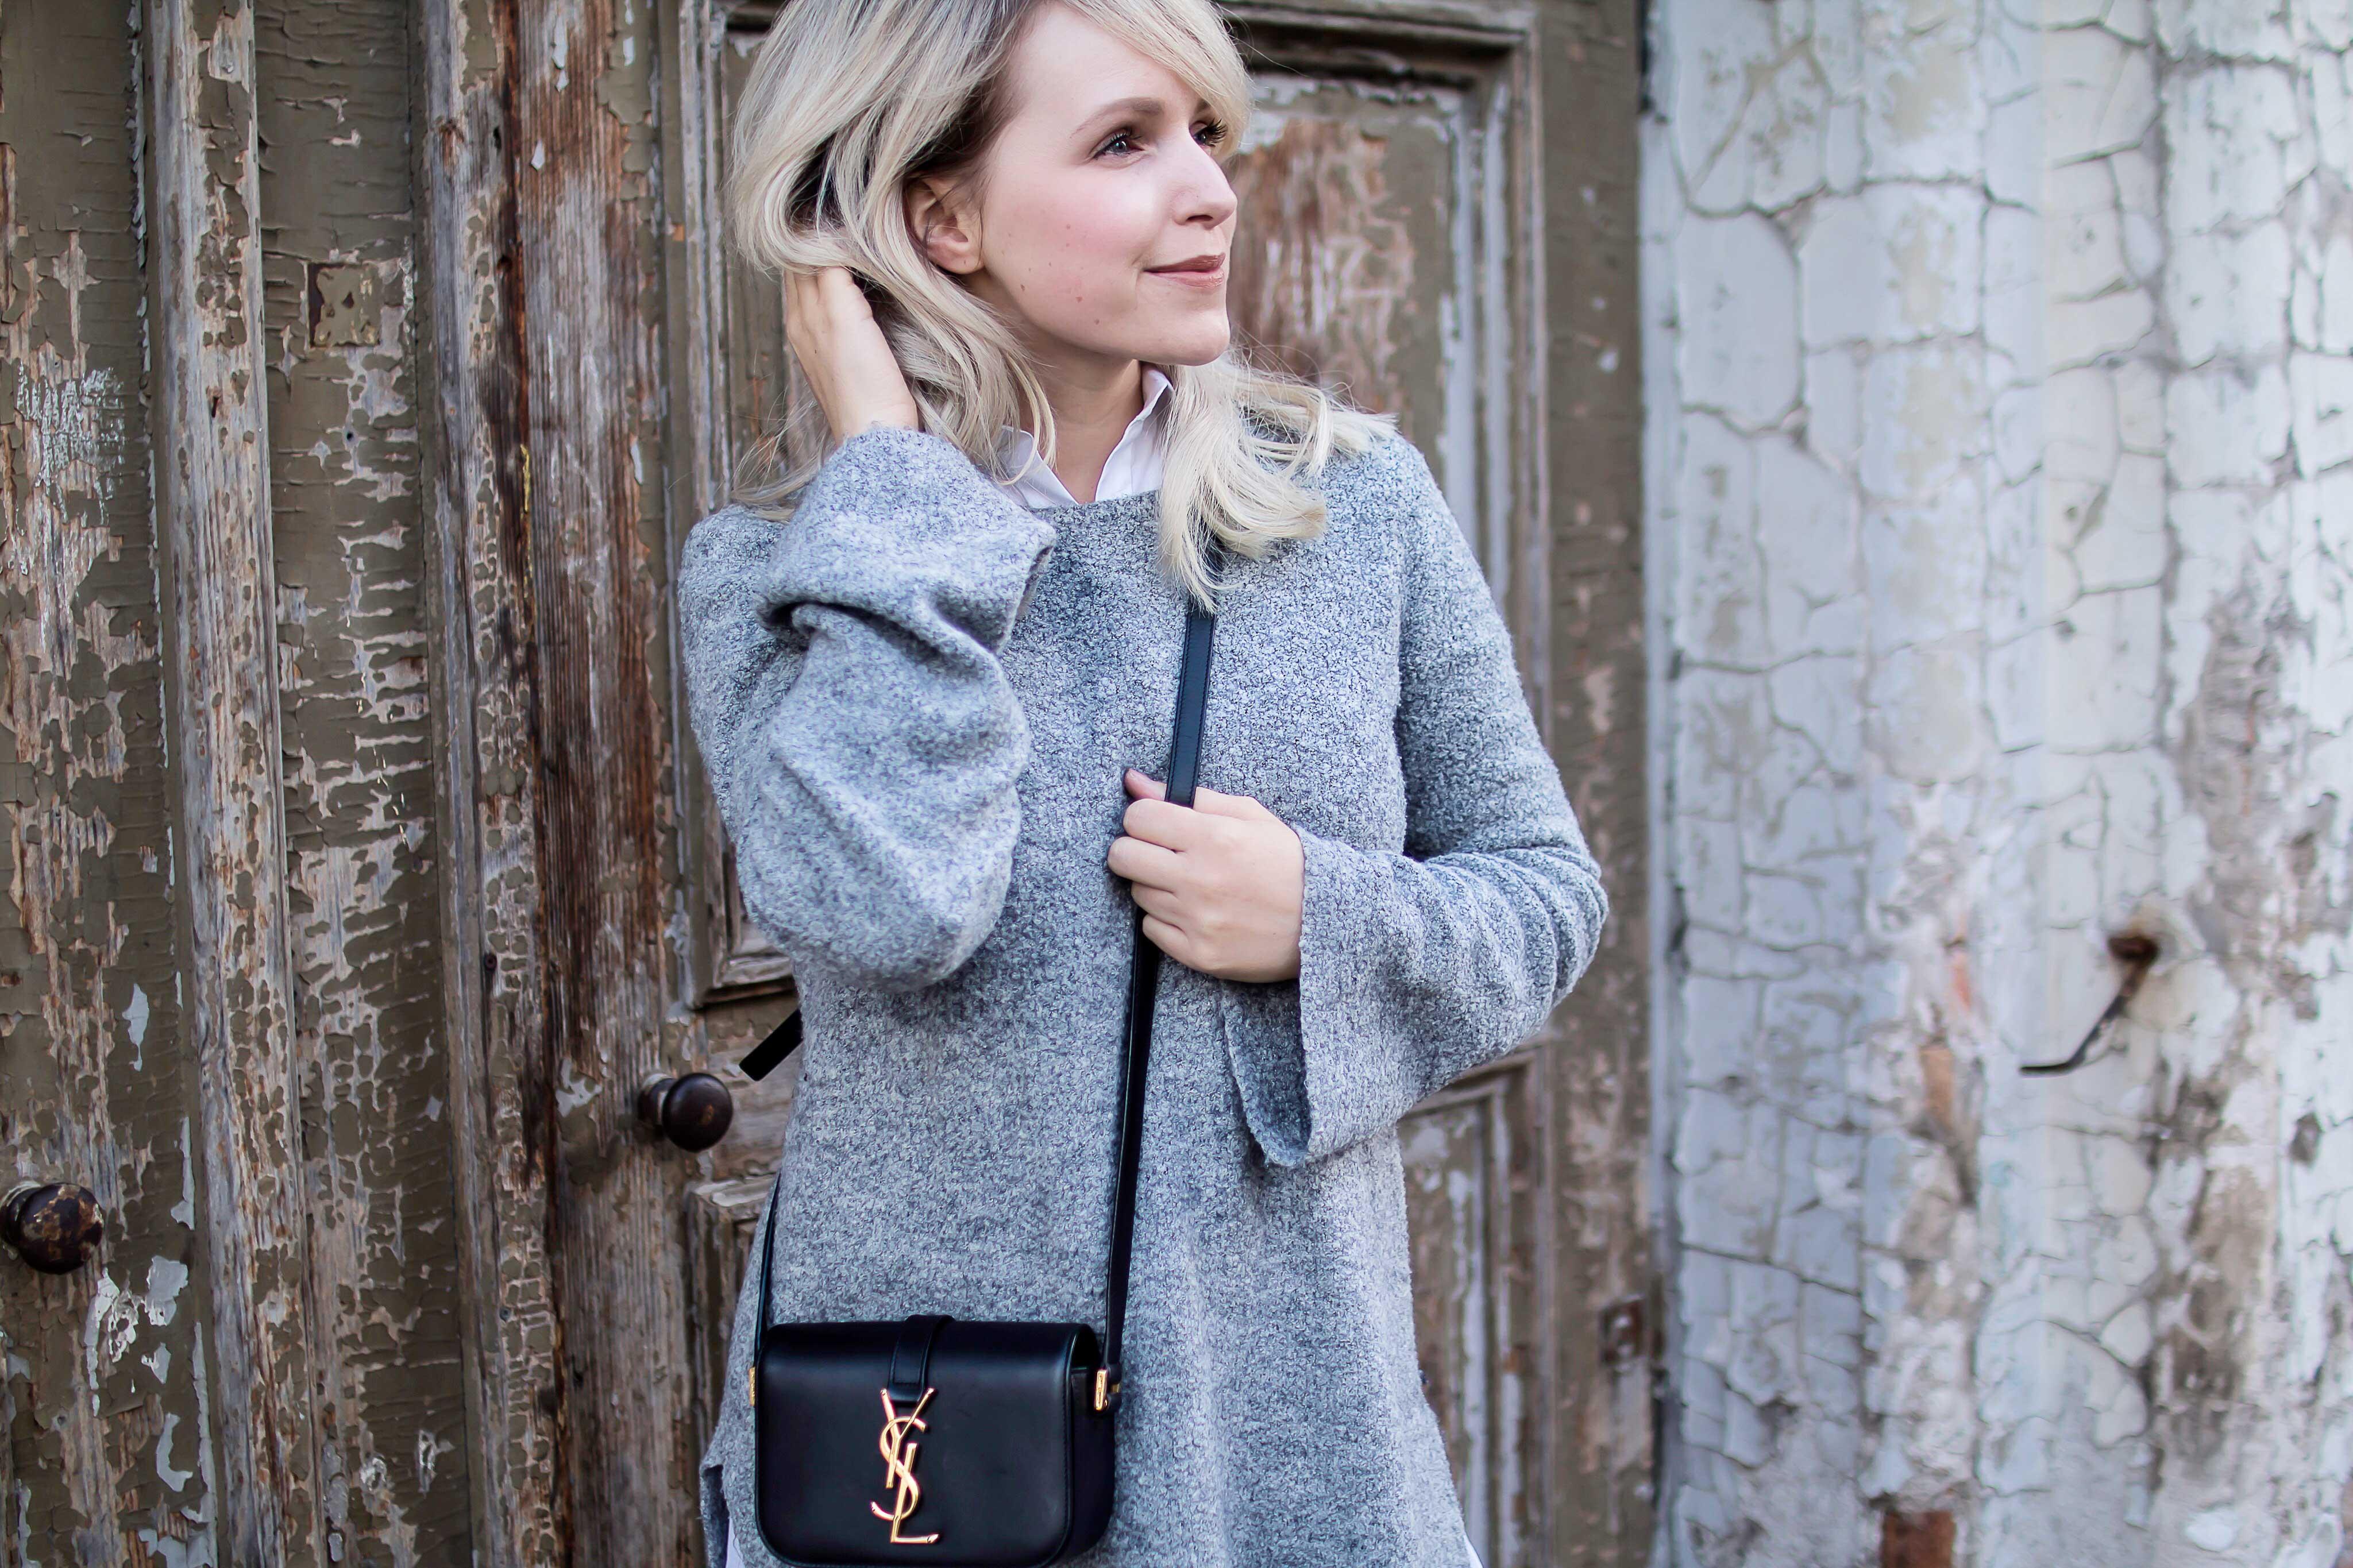 affiliate_rewardstyle_shopping_zara_winter_herbst_looks_grauer_pullover_2